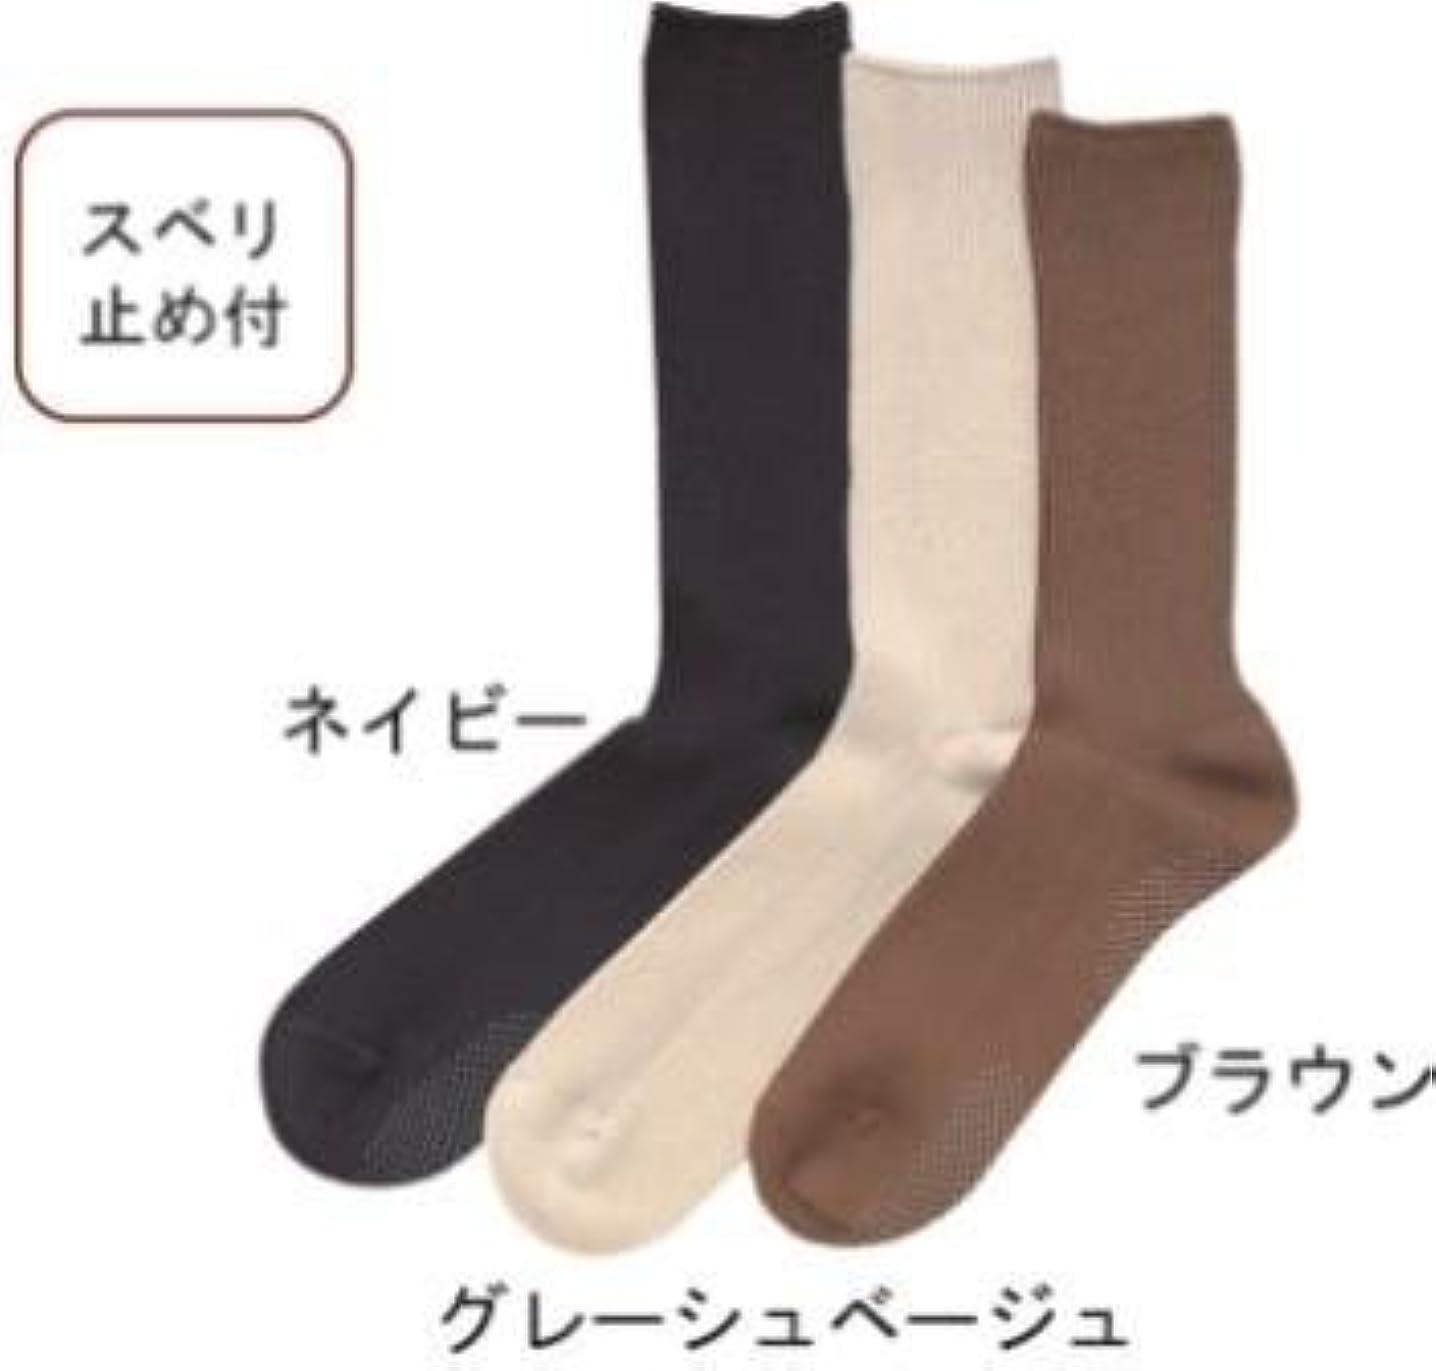 証人クレデンシャルオリエンテーション靴下 紳士ソックス(通年用) (HL713):26~28cm ブラウン